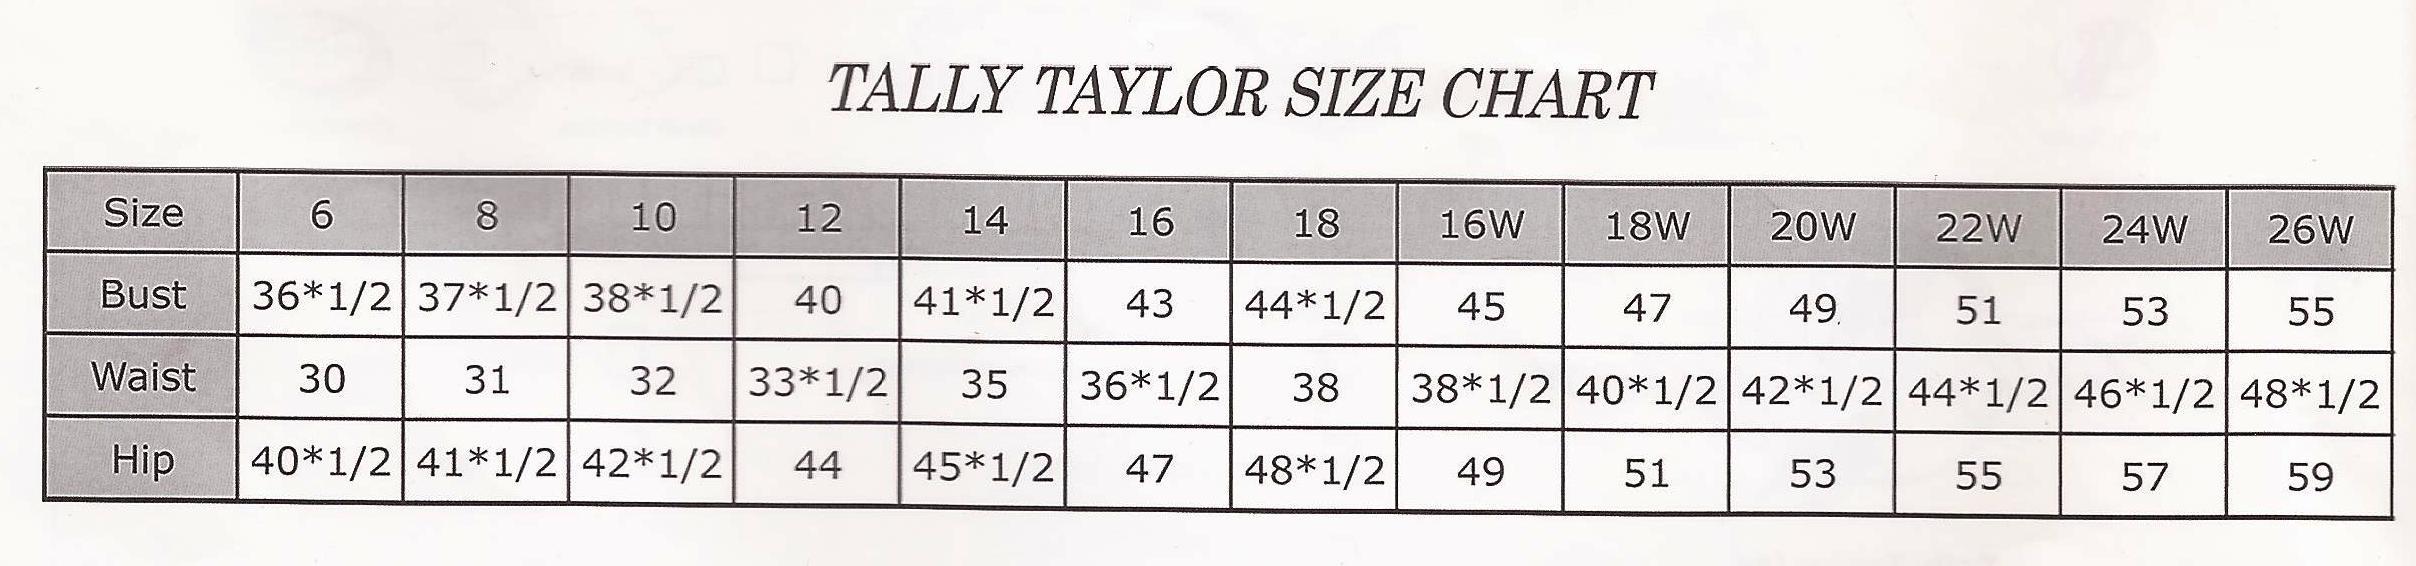 tt-size-chart.jpg